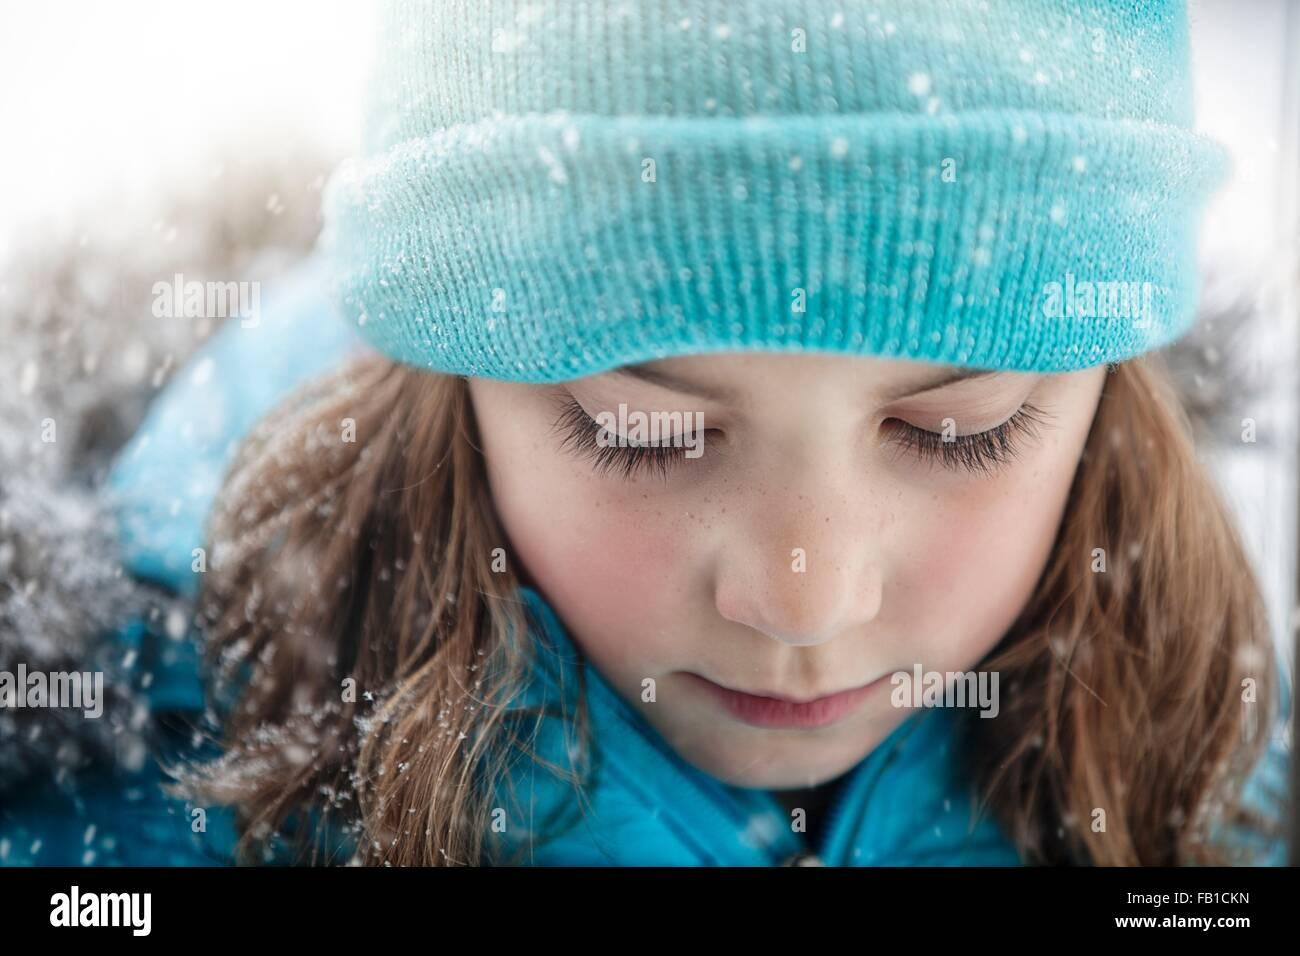 Close up ritratto della ragazza che indossa knit hat guardando giù, nevicava Immagini Stock